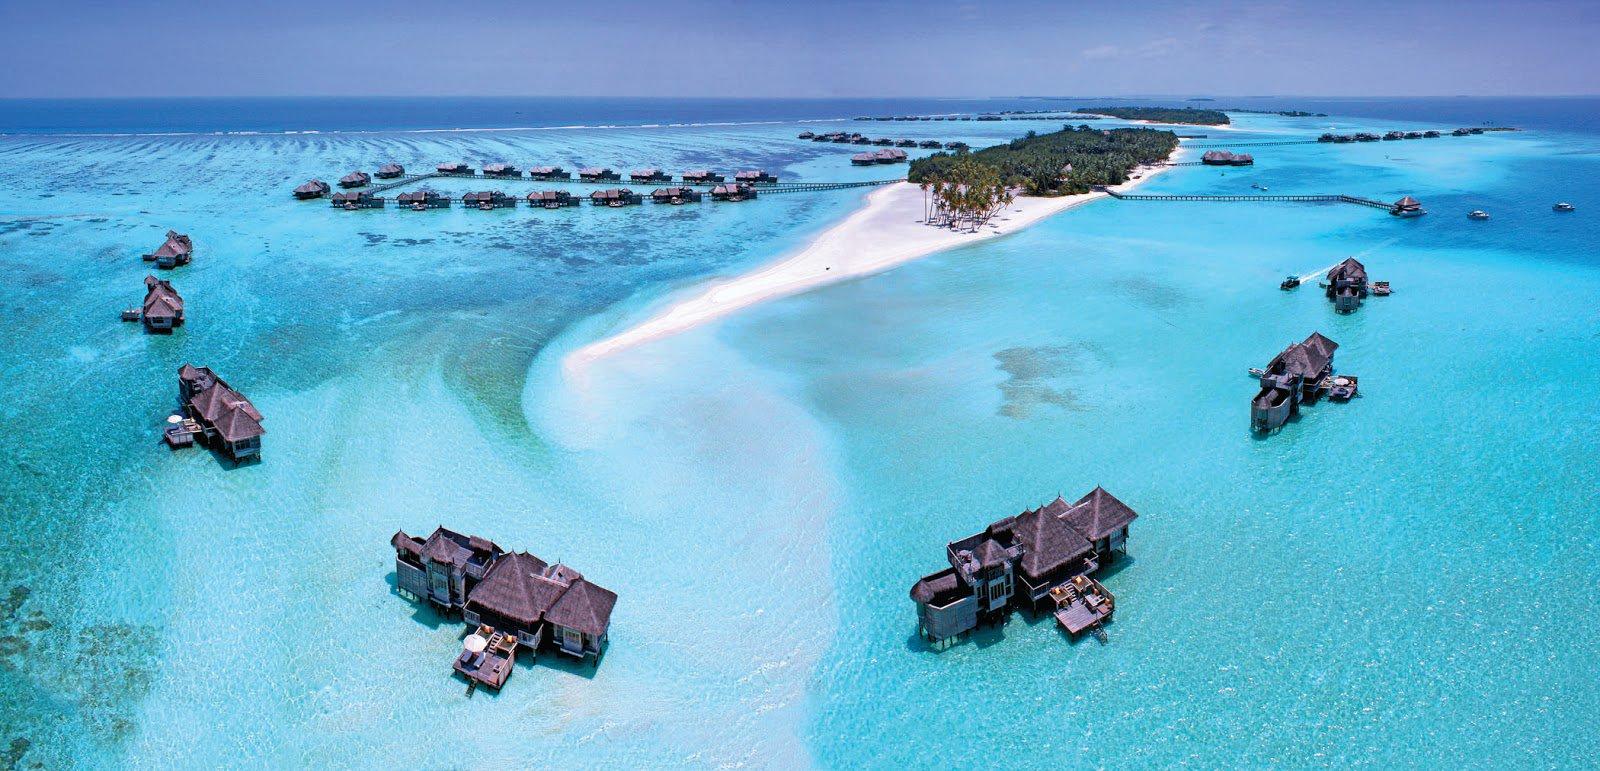 turismo en las maldivas 2